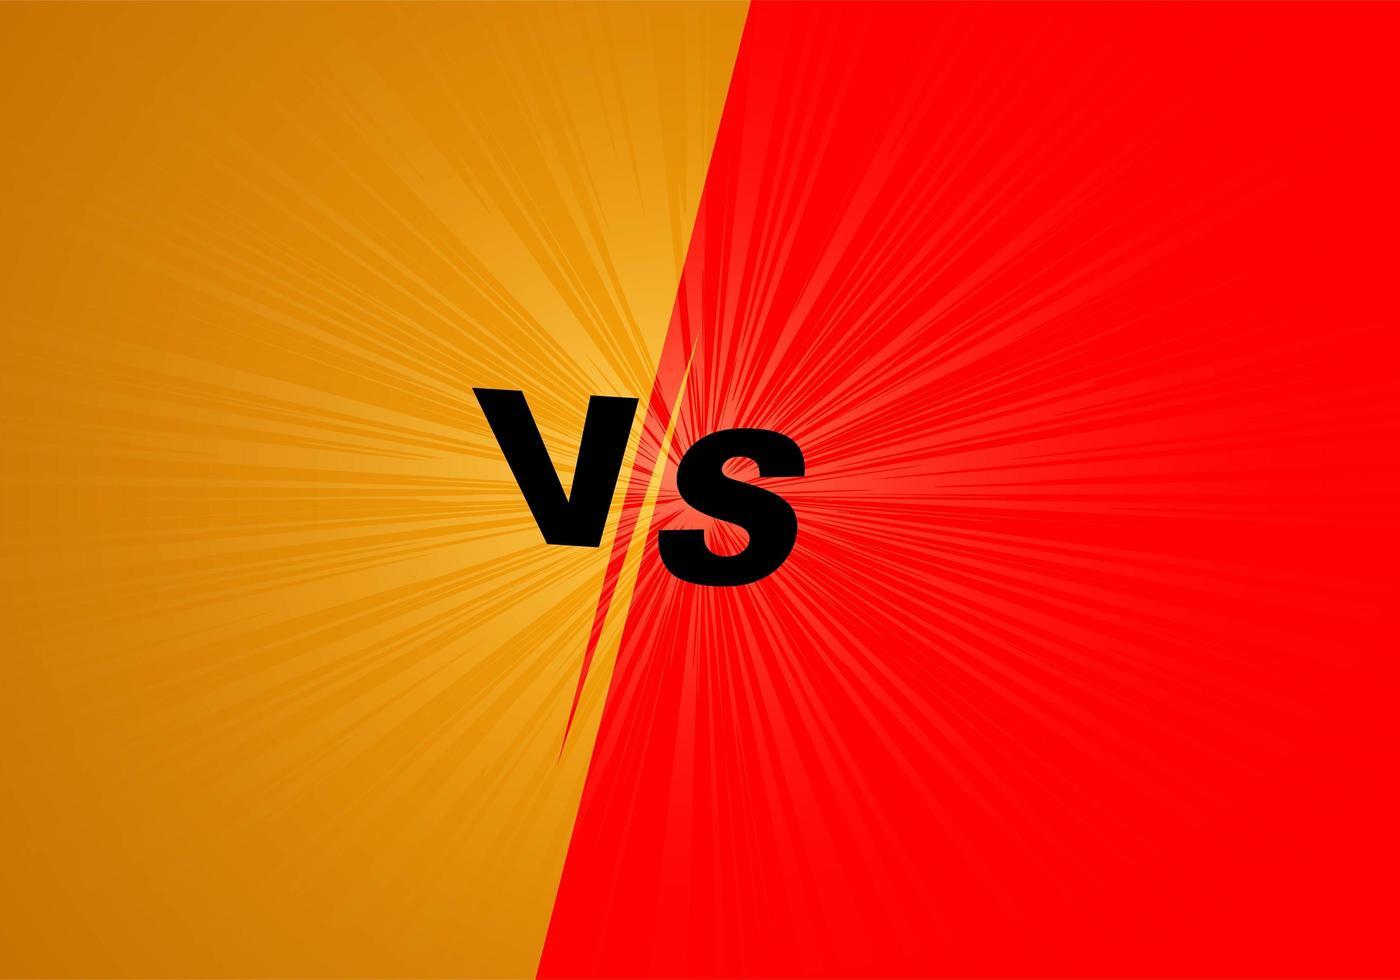 versus '' vs '' fondo de rayos de luz amarilla y roja vector